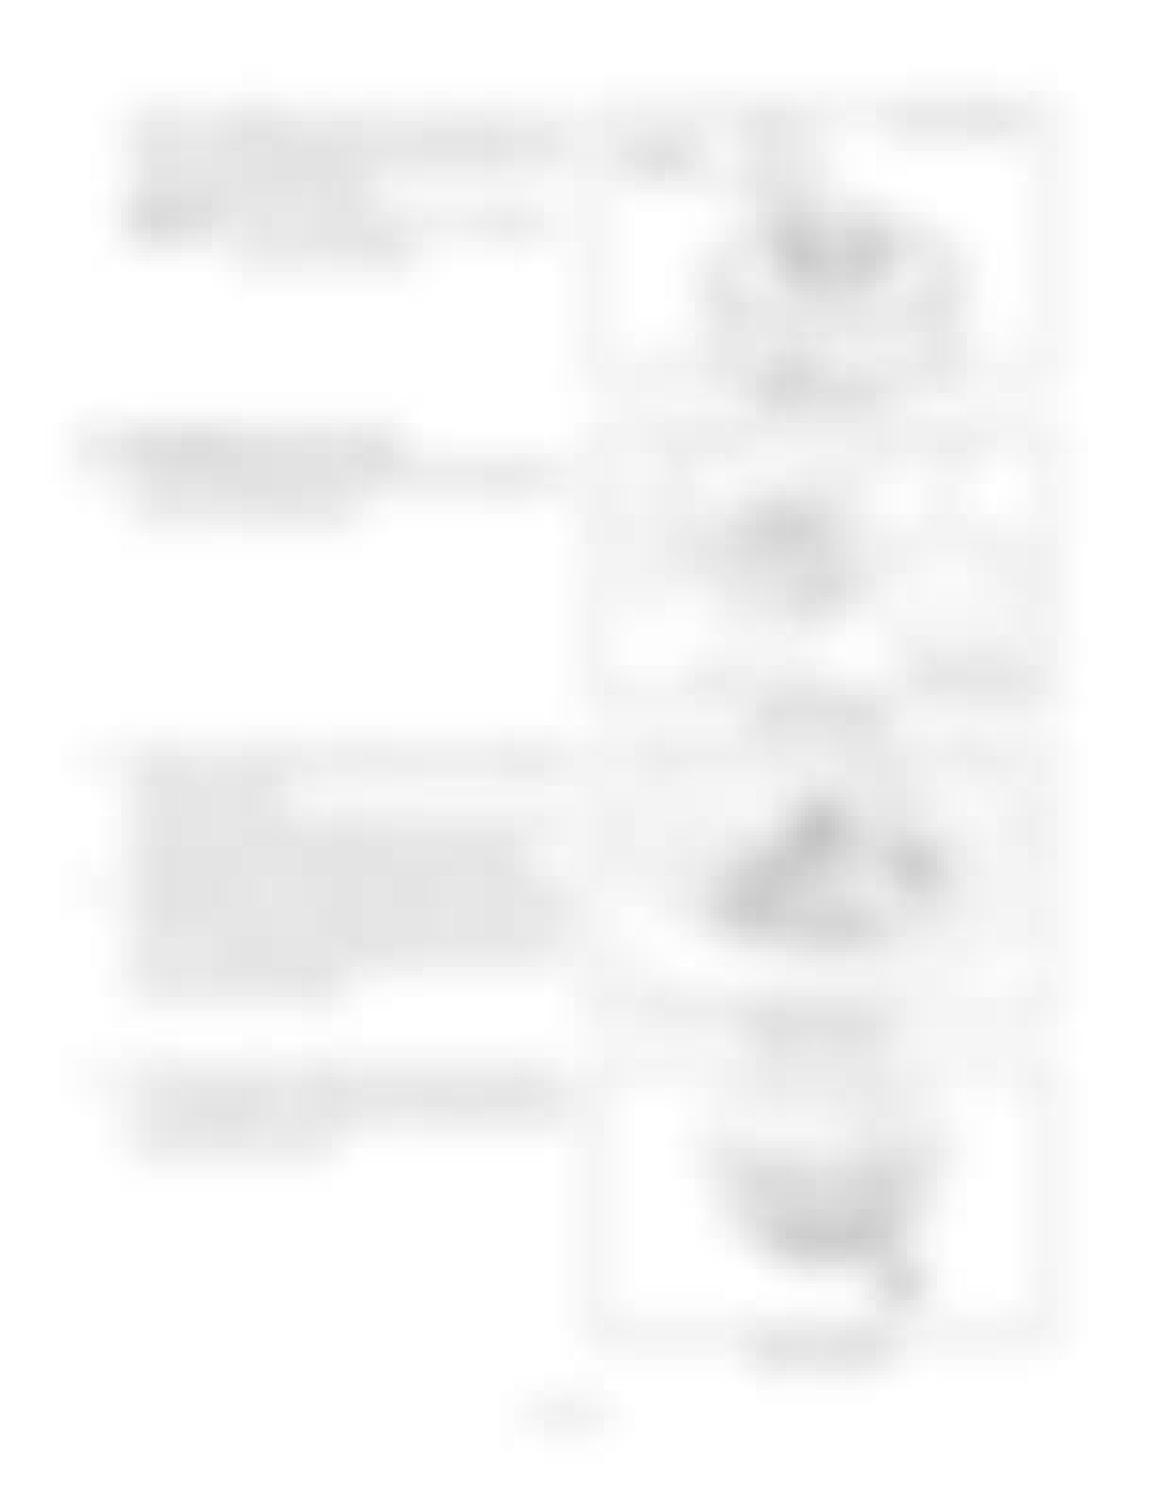 Hitachi LX110-7 LX130-7 LX160-7 LX190-7 LX230-7 Wheel Loader Workshop Manual - PDF DOWNLOAD page 62